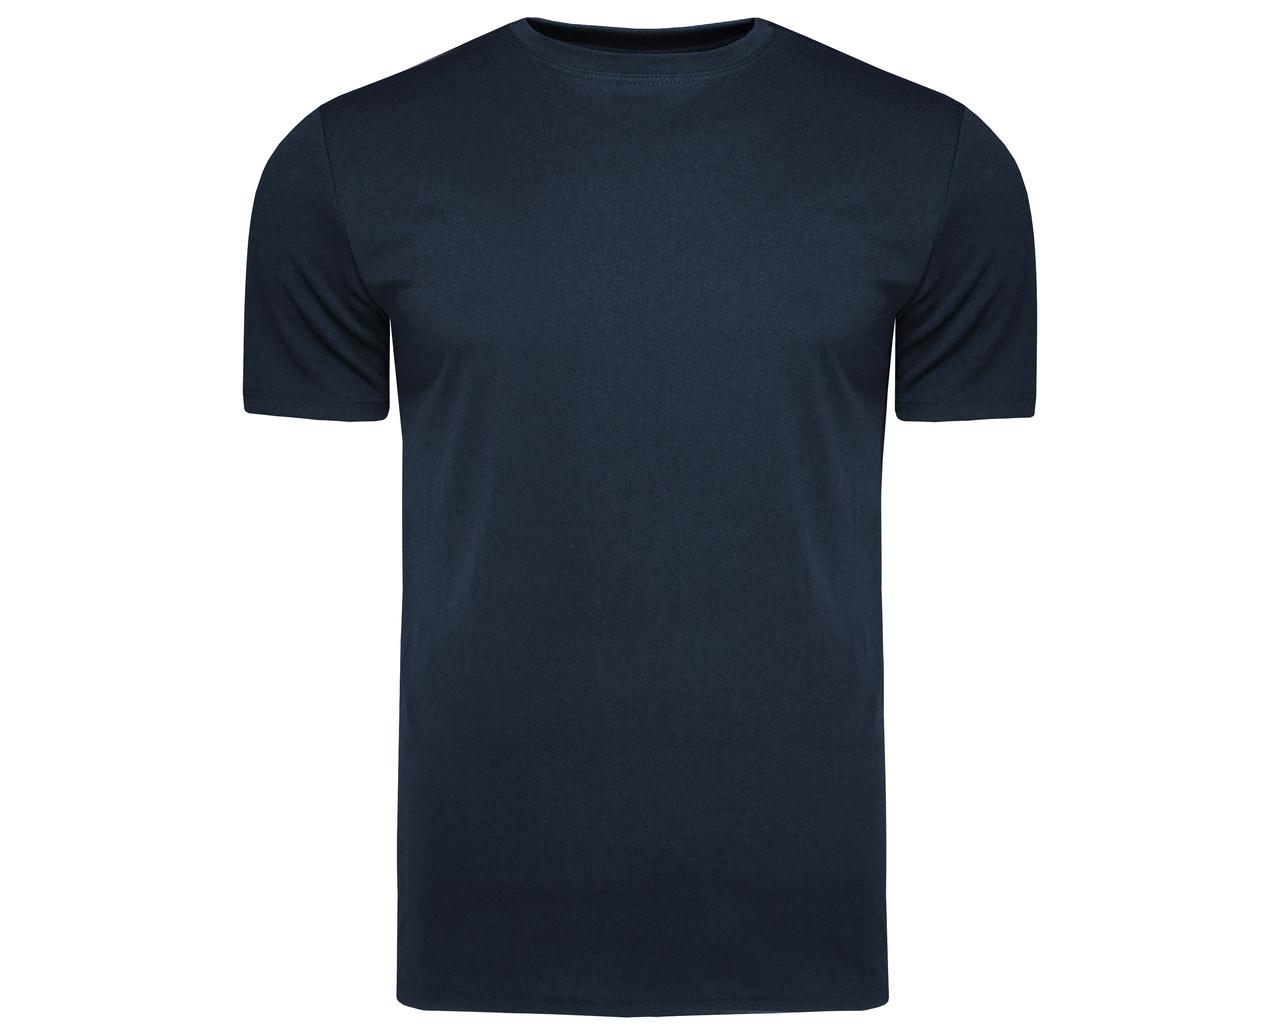 Футболка Coolpass темно-синяя